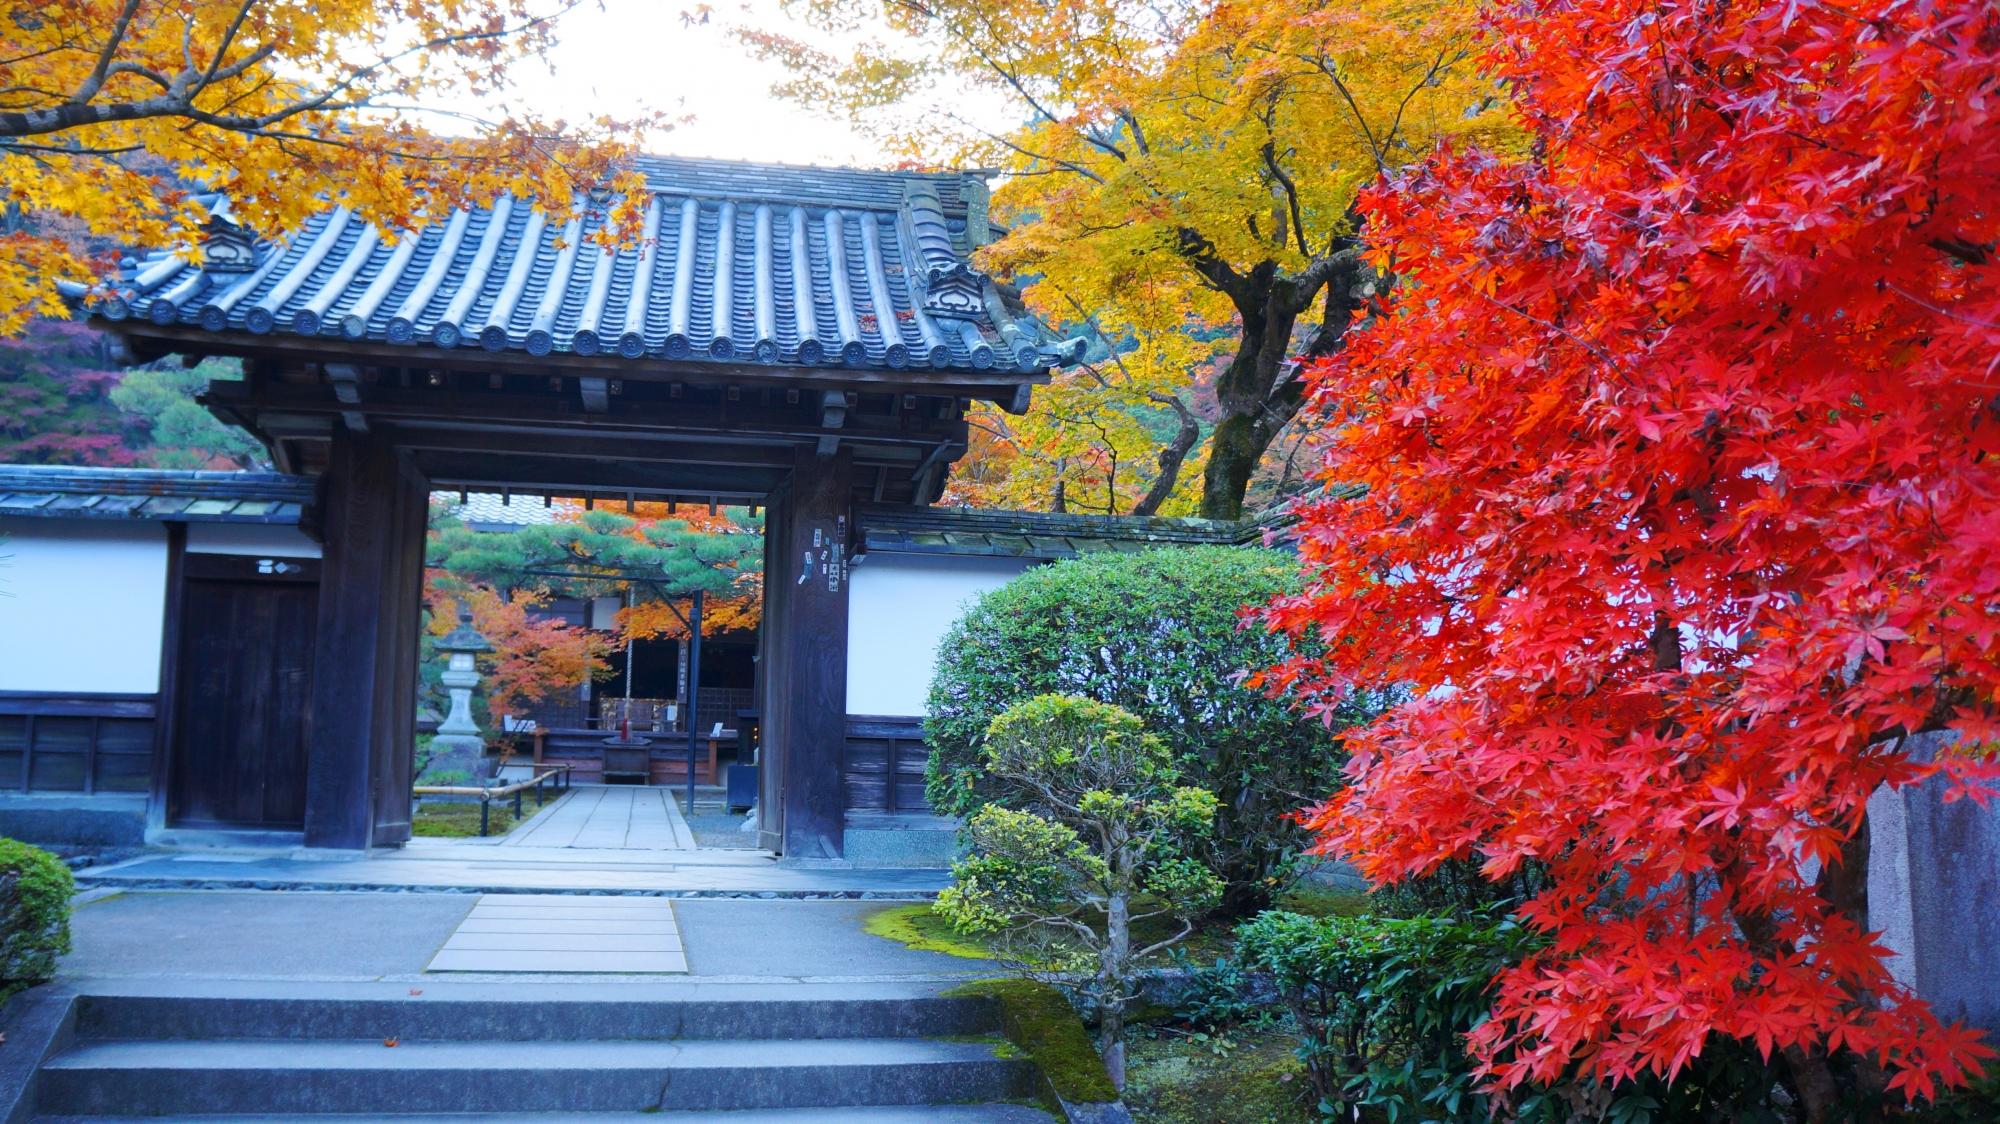 最勝院の山門を華やぐ色とりどりの紅葉